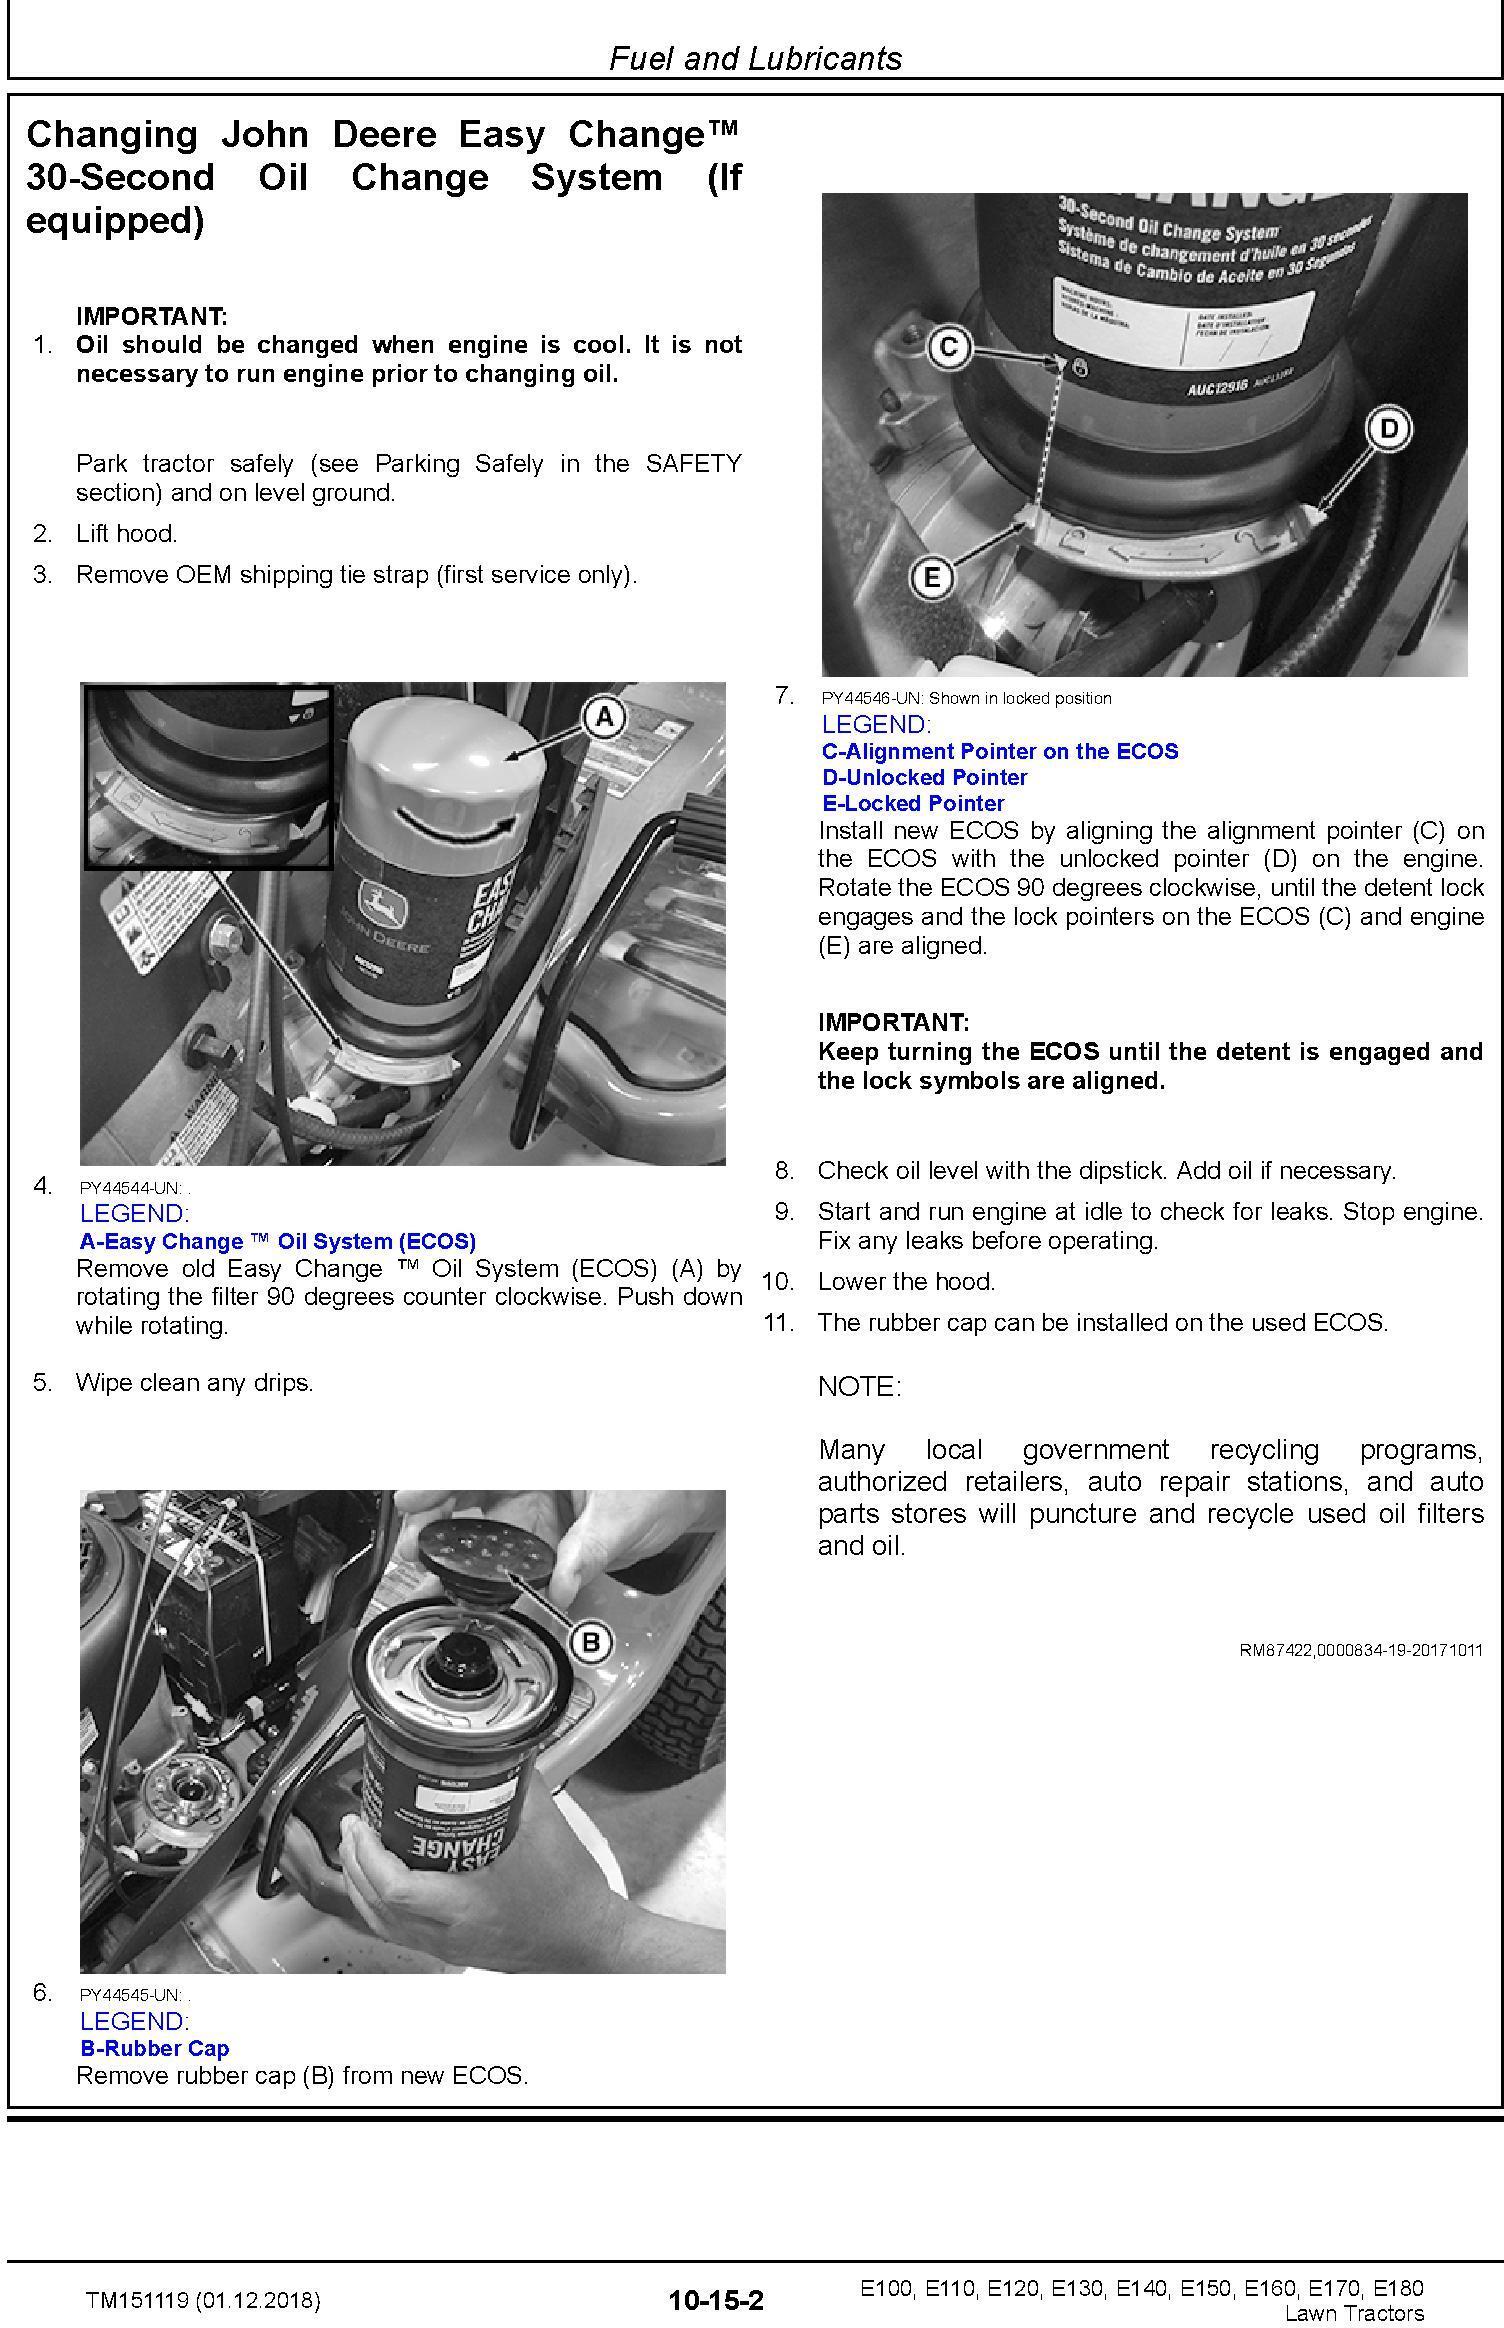 John Deere E100 E110 E120 E130 E140 E150 E160 E170 E180 Lawn Tractors Technical Manual (TM151119) - 1